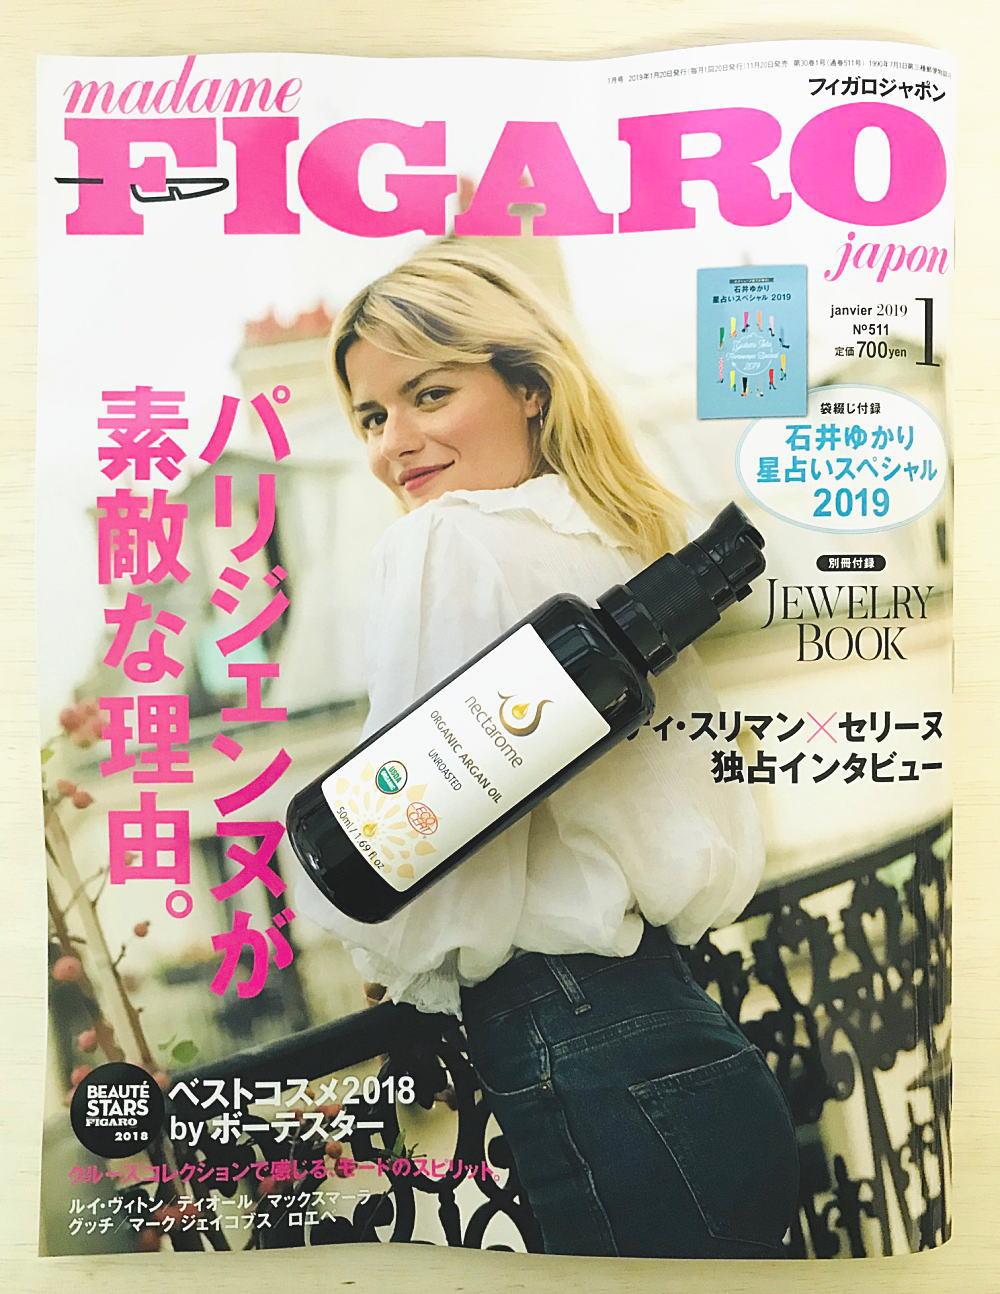 Madame Figaro Japon マダム フィガロ ジャポン - Nectarome ネクタローム